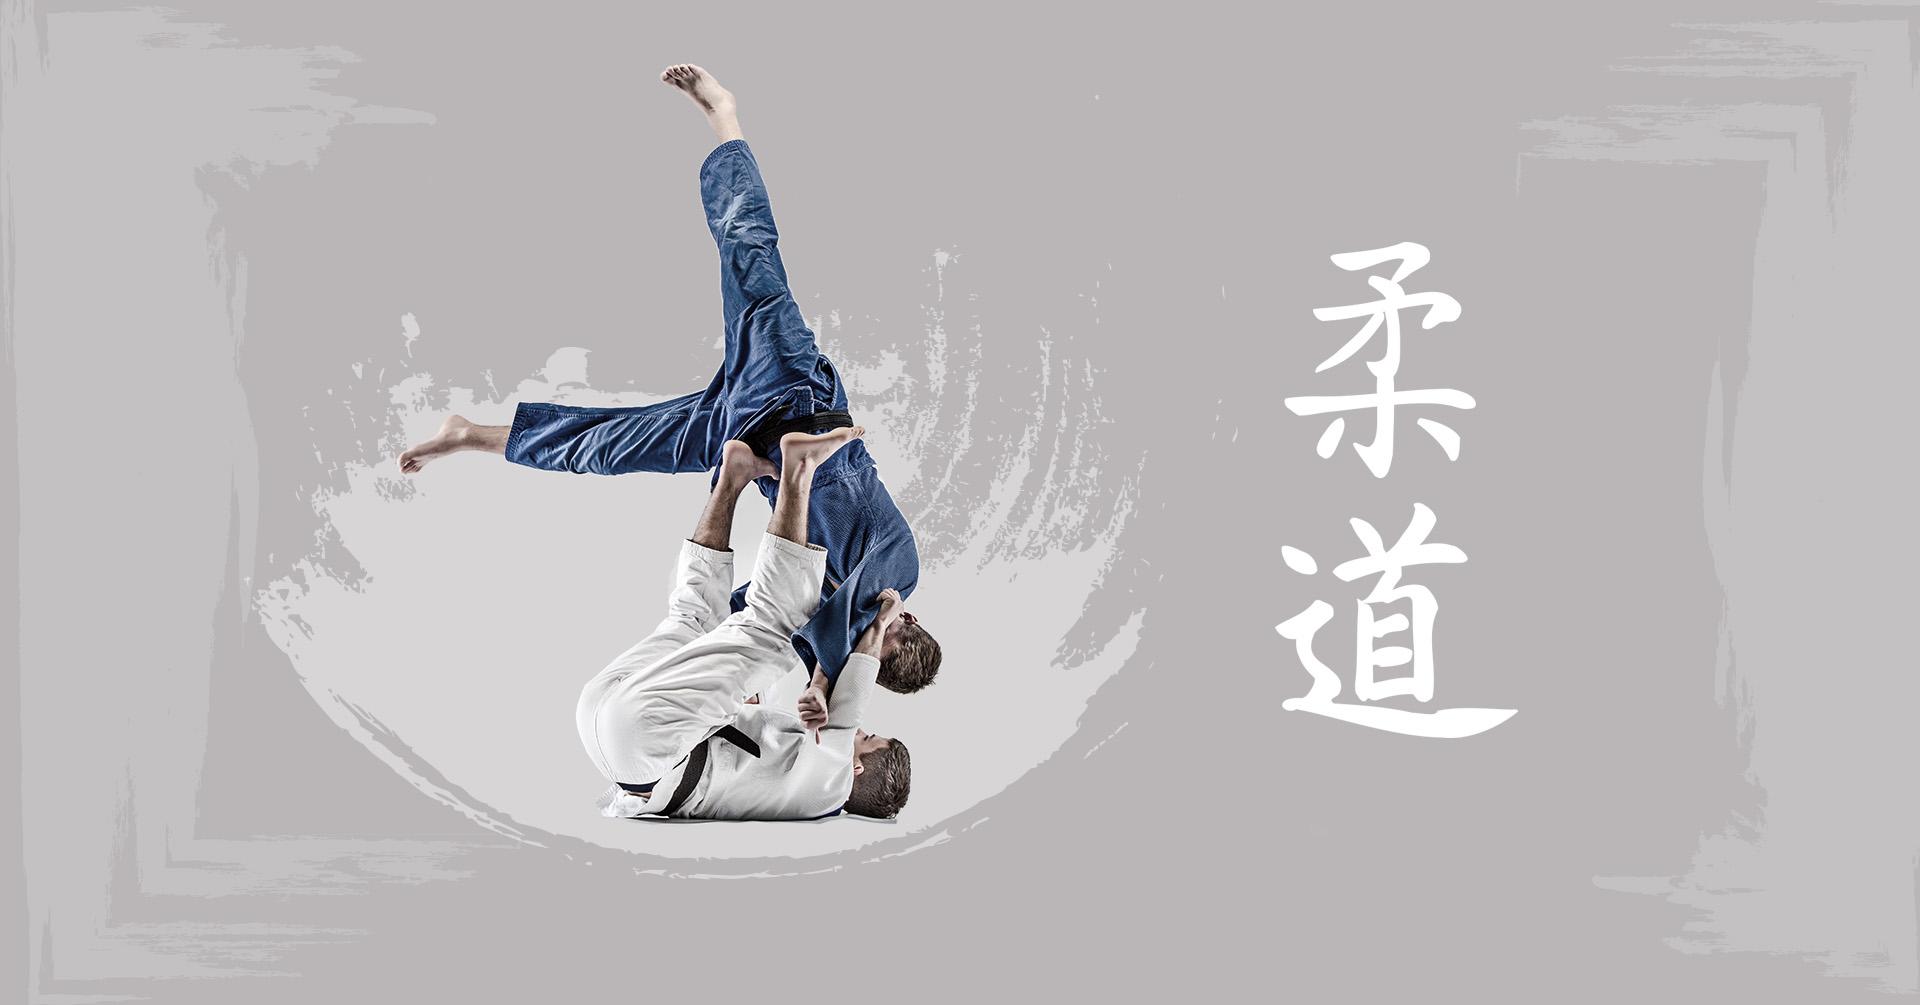 SSG Humboldt Judo